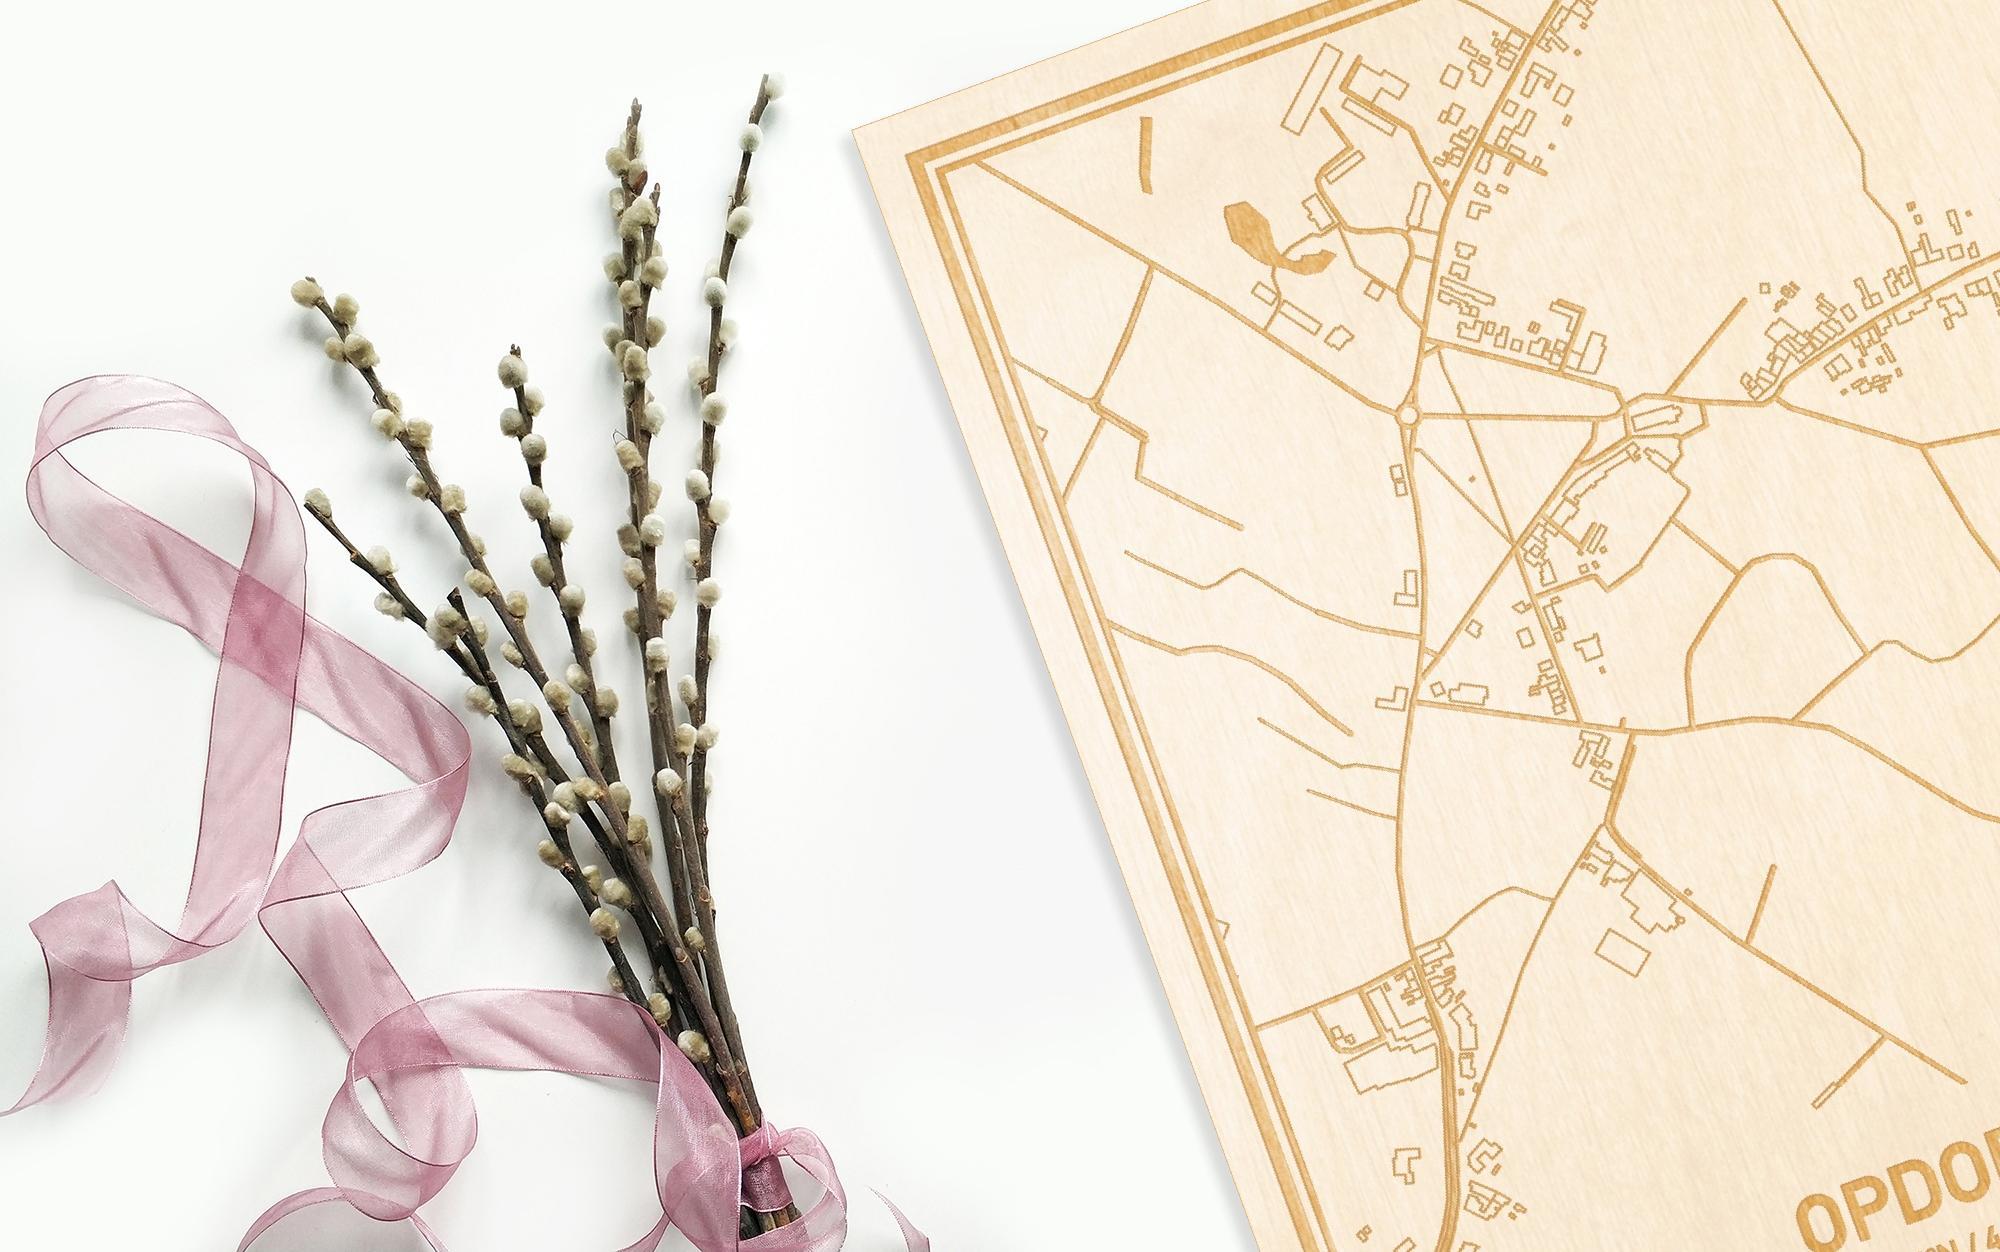 Hier ligt de houten plattegrond Opdorp naast een bloemetje als gepersonaliseerd cadeau voor haar.